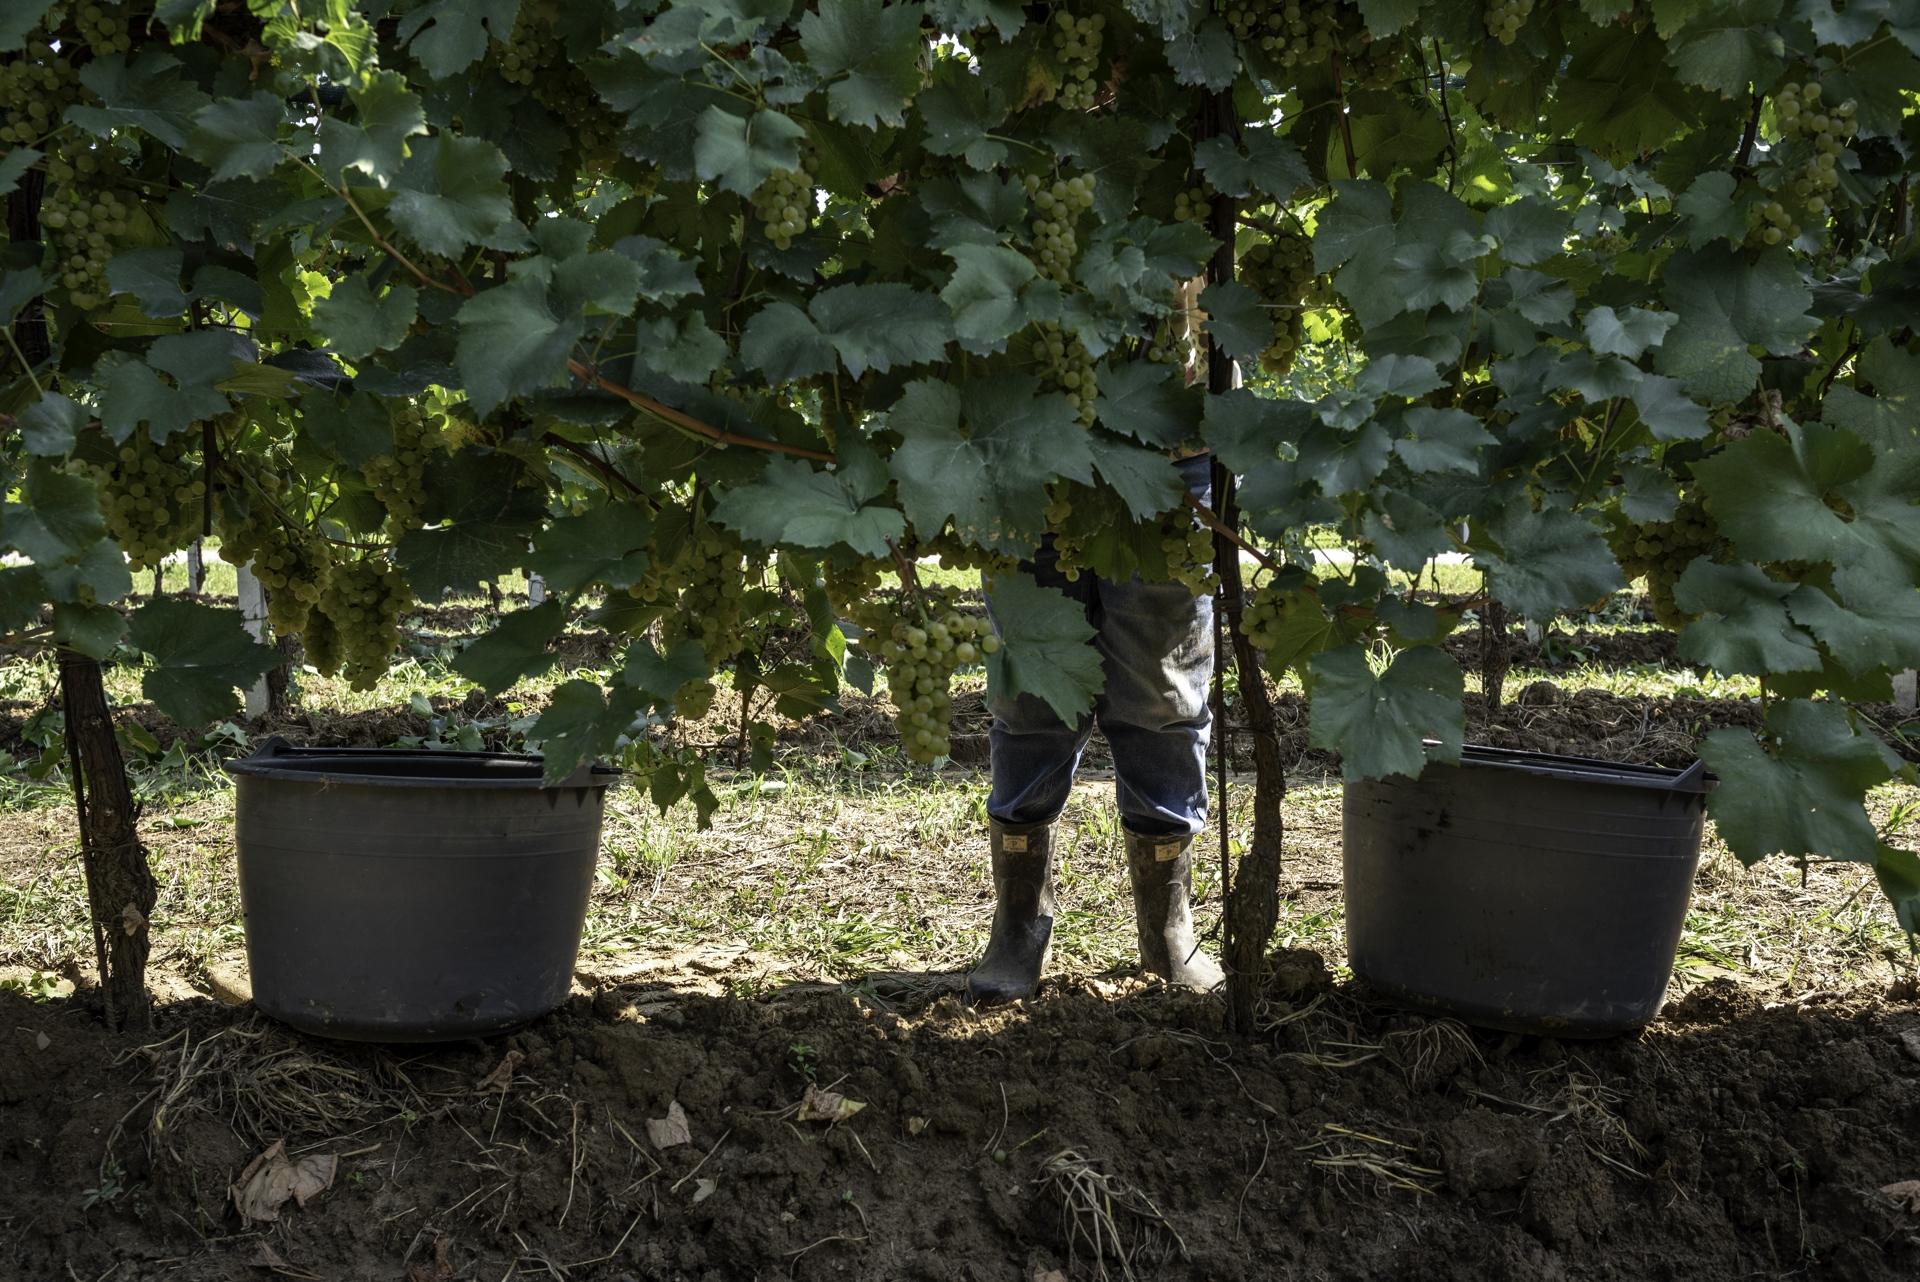 Piccoli viticoltori vendemmiano manualmente. Diversamente dagli agricoltori limitrofi le loro vigne sono piantate a Cabernet che sembra essere più adatto al terreno, alle temperature ed umidità della zona. Conferiscono e vendono in cantina sociale l'uva vendemmiata. Tarzo (TV).